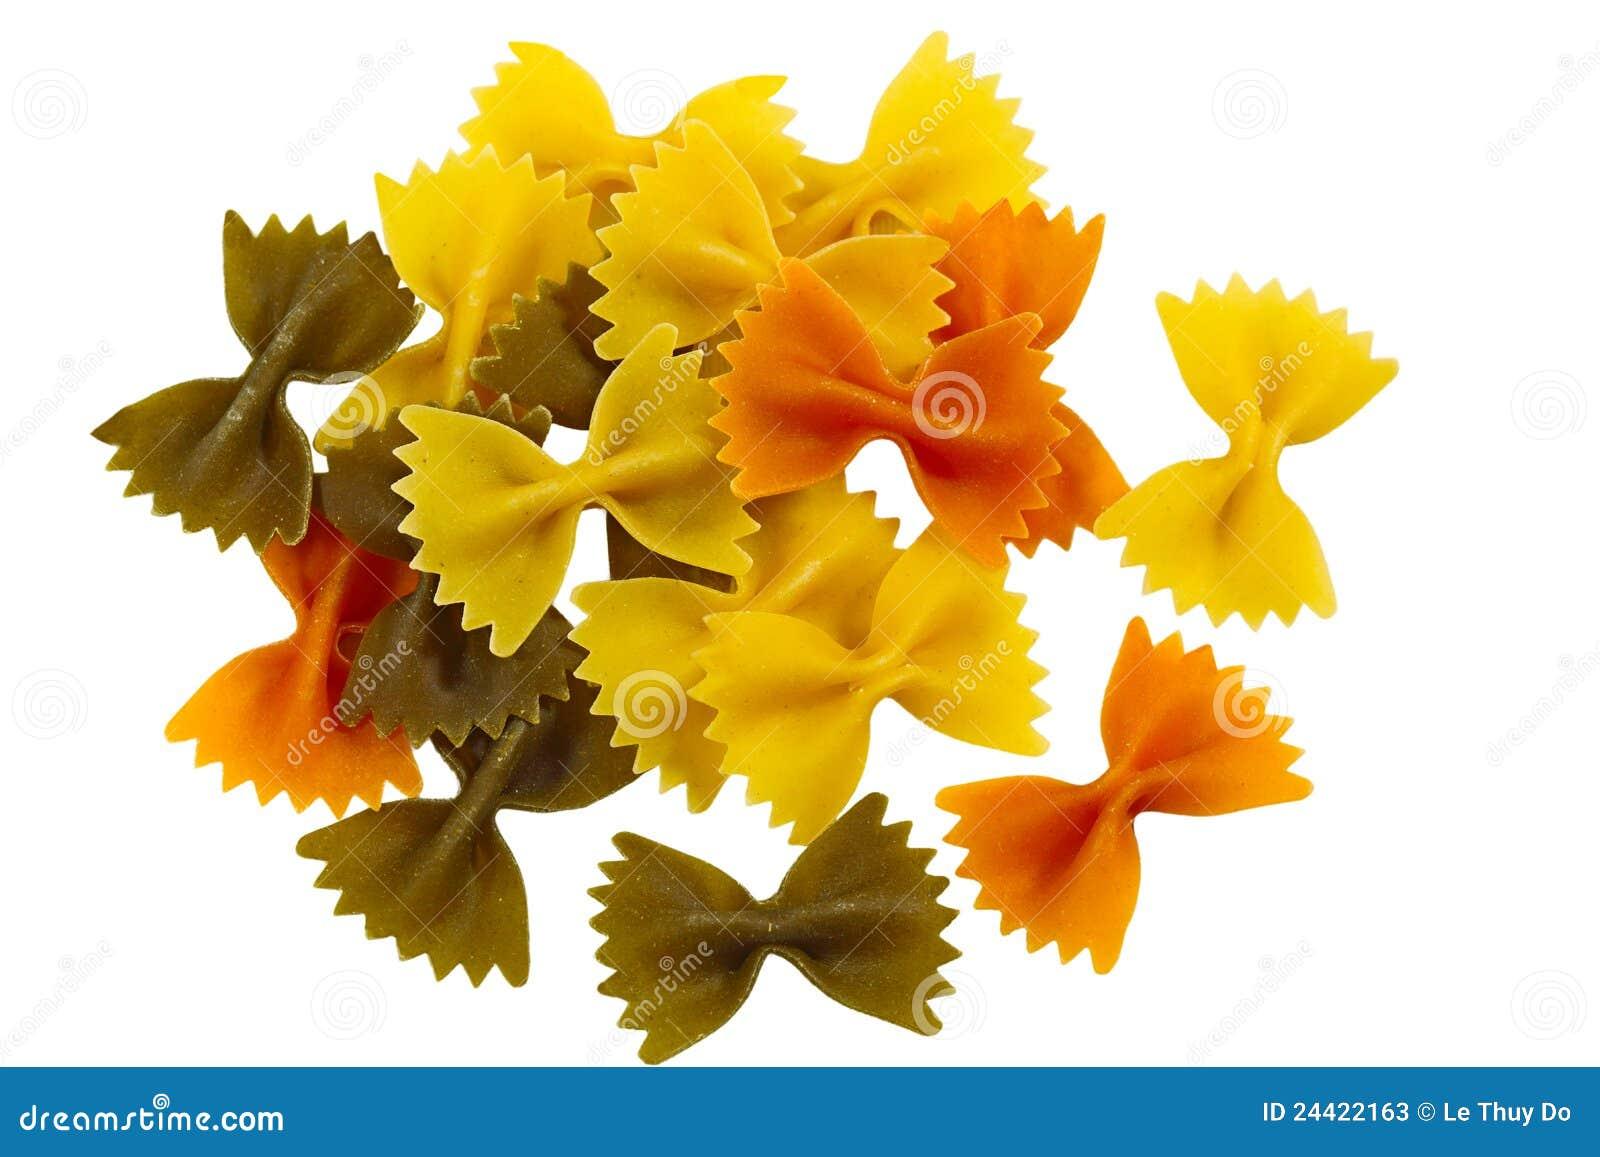 Color farfalle tri